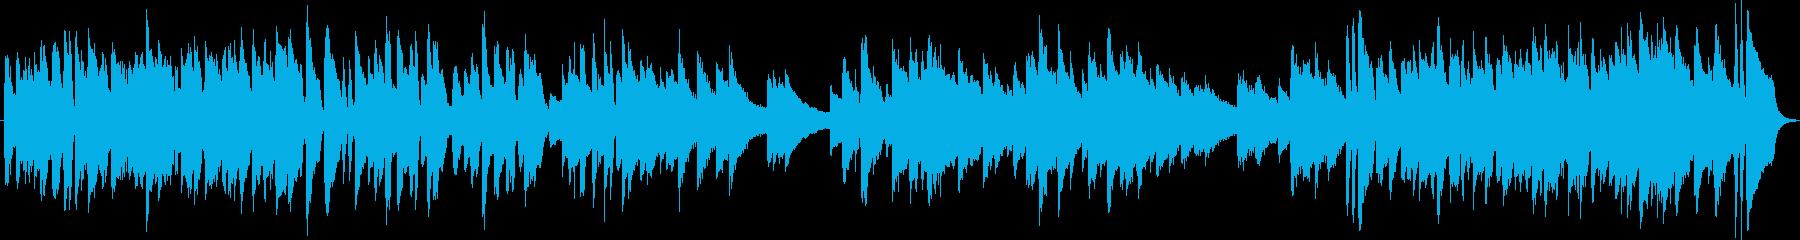 ピアノ生演奏/ポップ・元気・明るい・子供の再生済みの波形